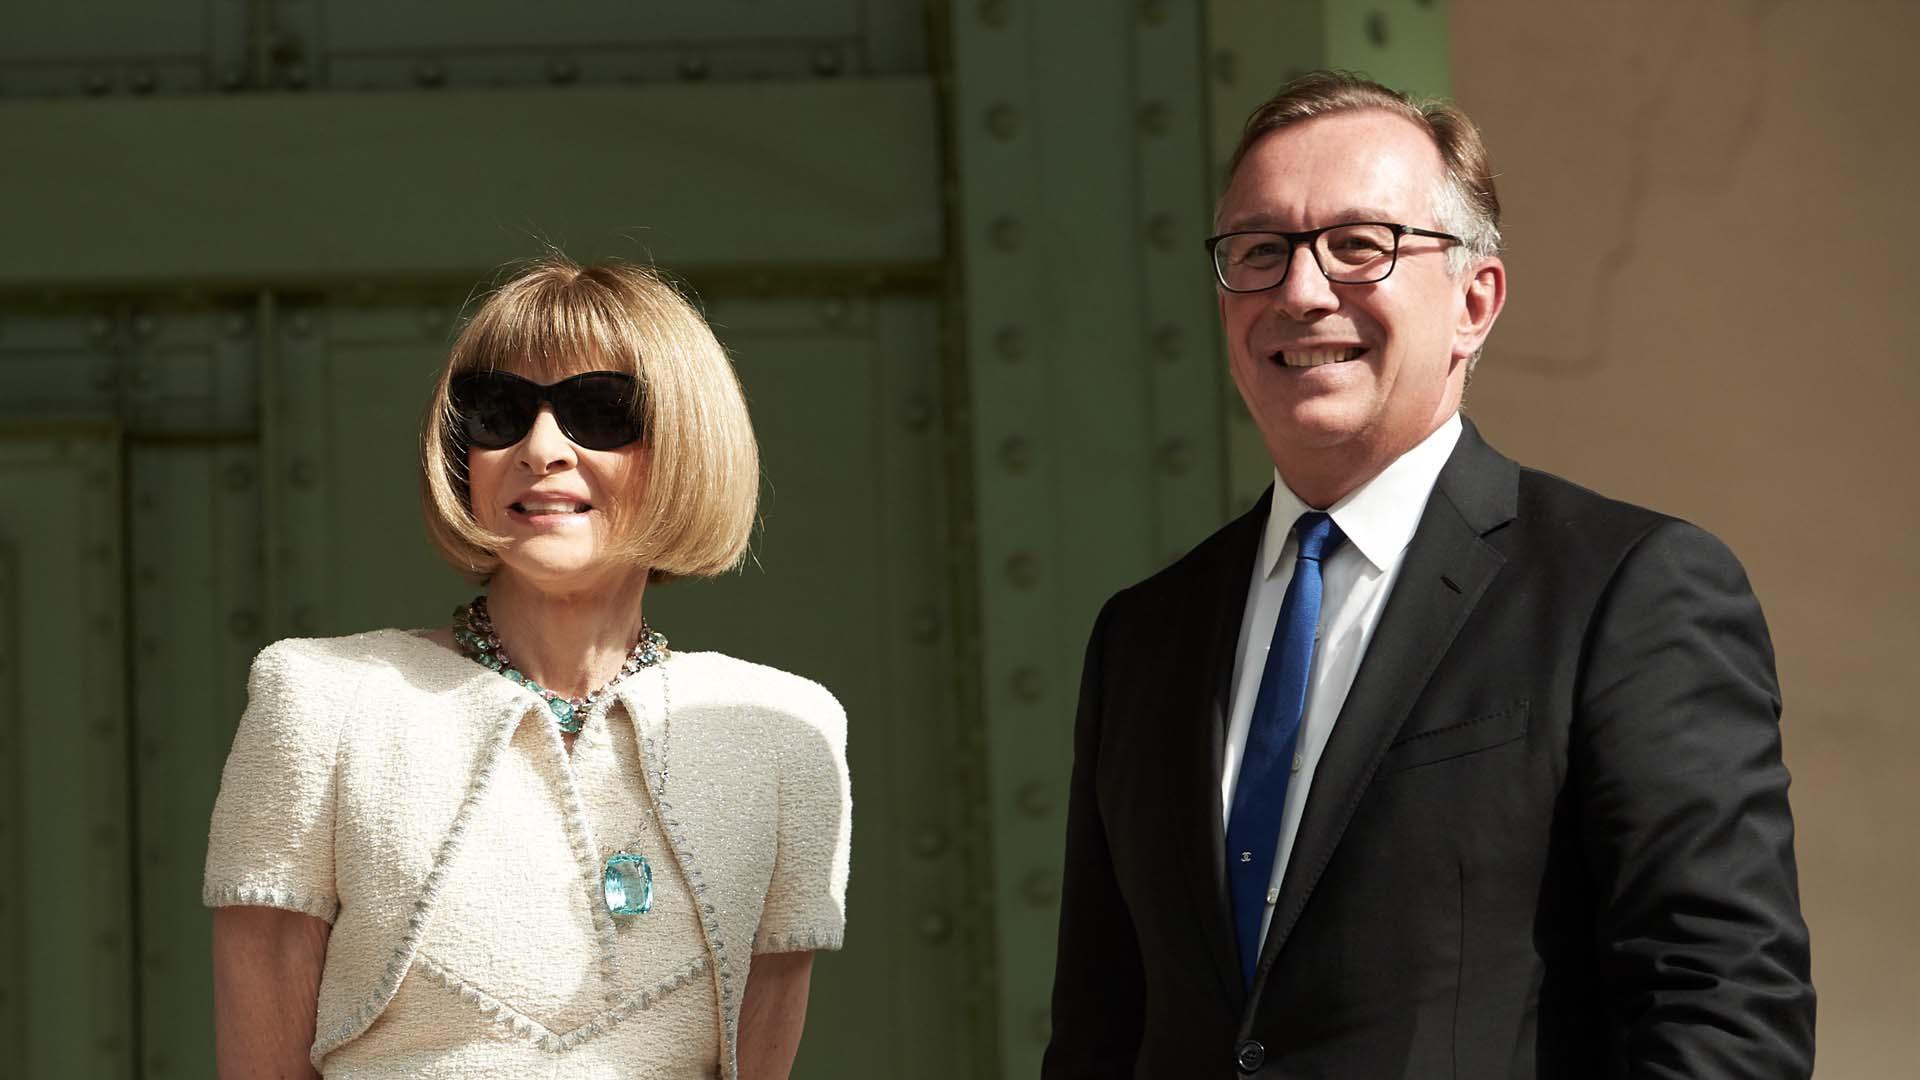 Anna Wintour con un vestido de tweed de Chanel con chaqueta torera a conjunto que llevó con unas llamativas joyas y sus inseparables gafas de sol. Junto a Bruno Pavlovsky.